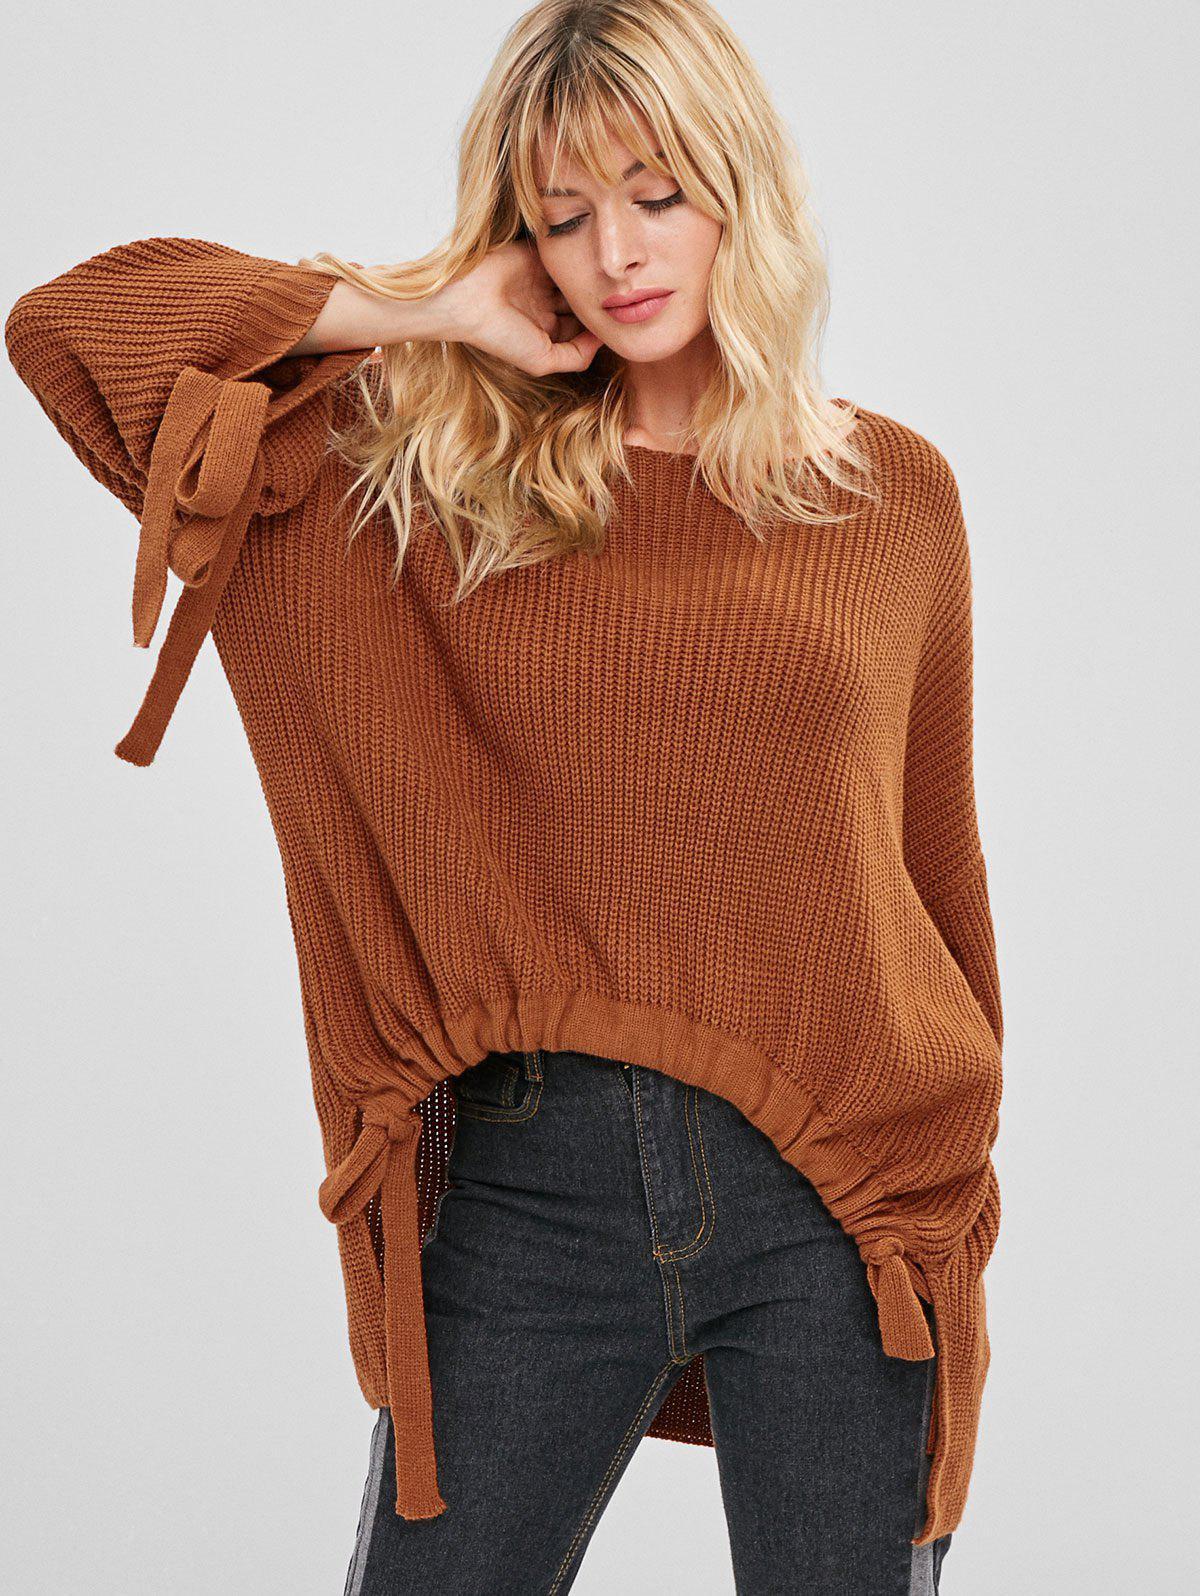 ZAFUL Oversized High Low Tunic Sweater